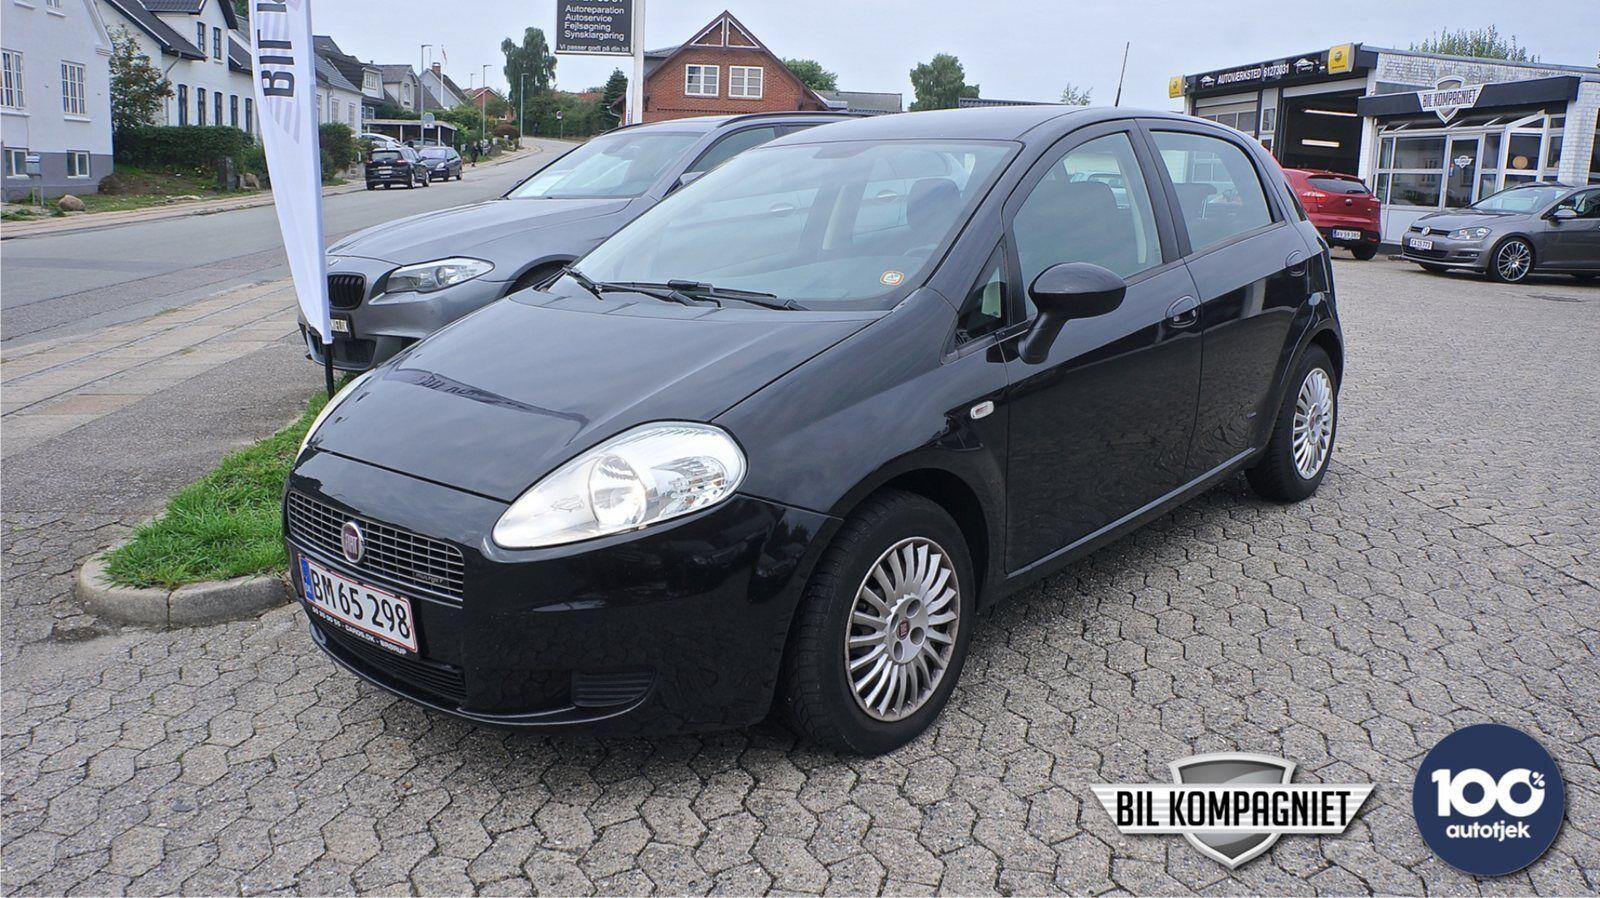 Fiat Grande Punto 1,3 JTD 75 Active 5d - 16.900 kr.